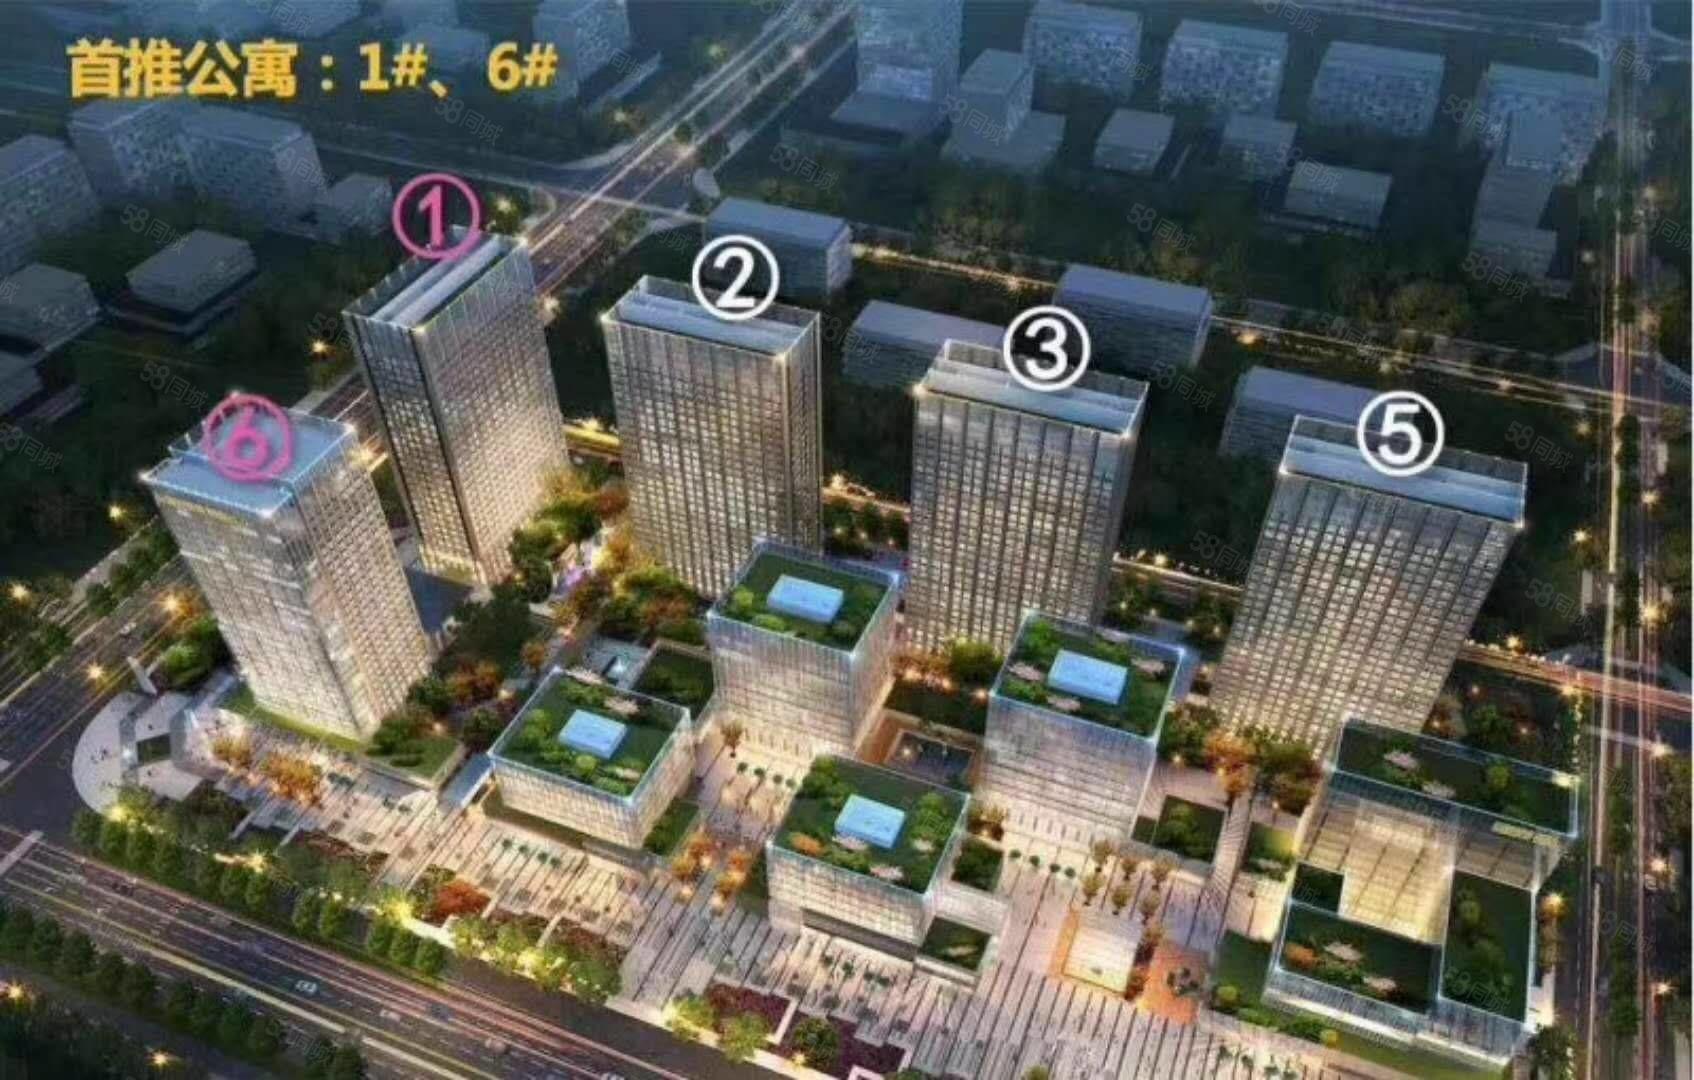 京雄世贸港五证齐全投资首选大红本支持贷款